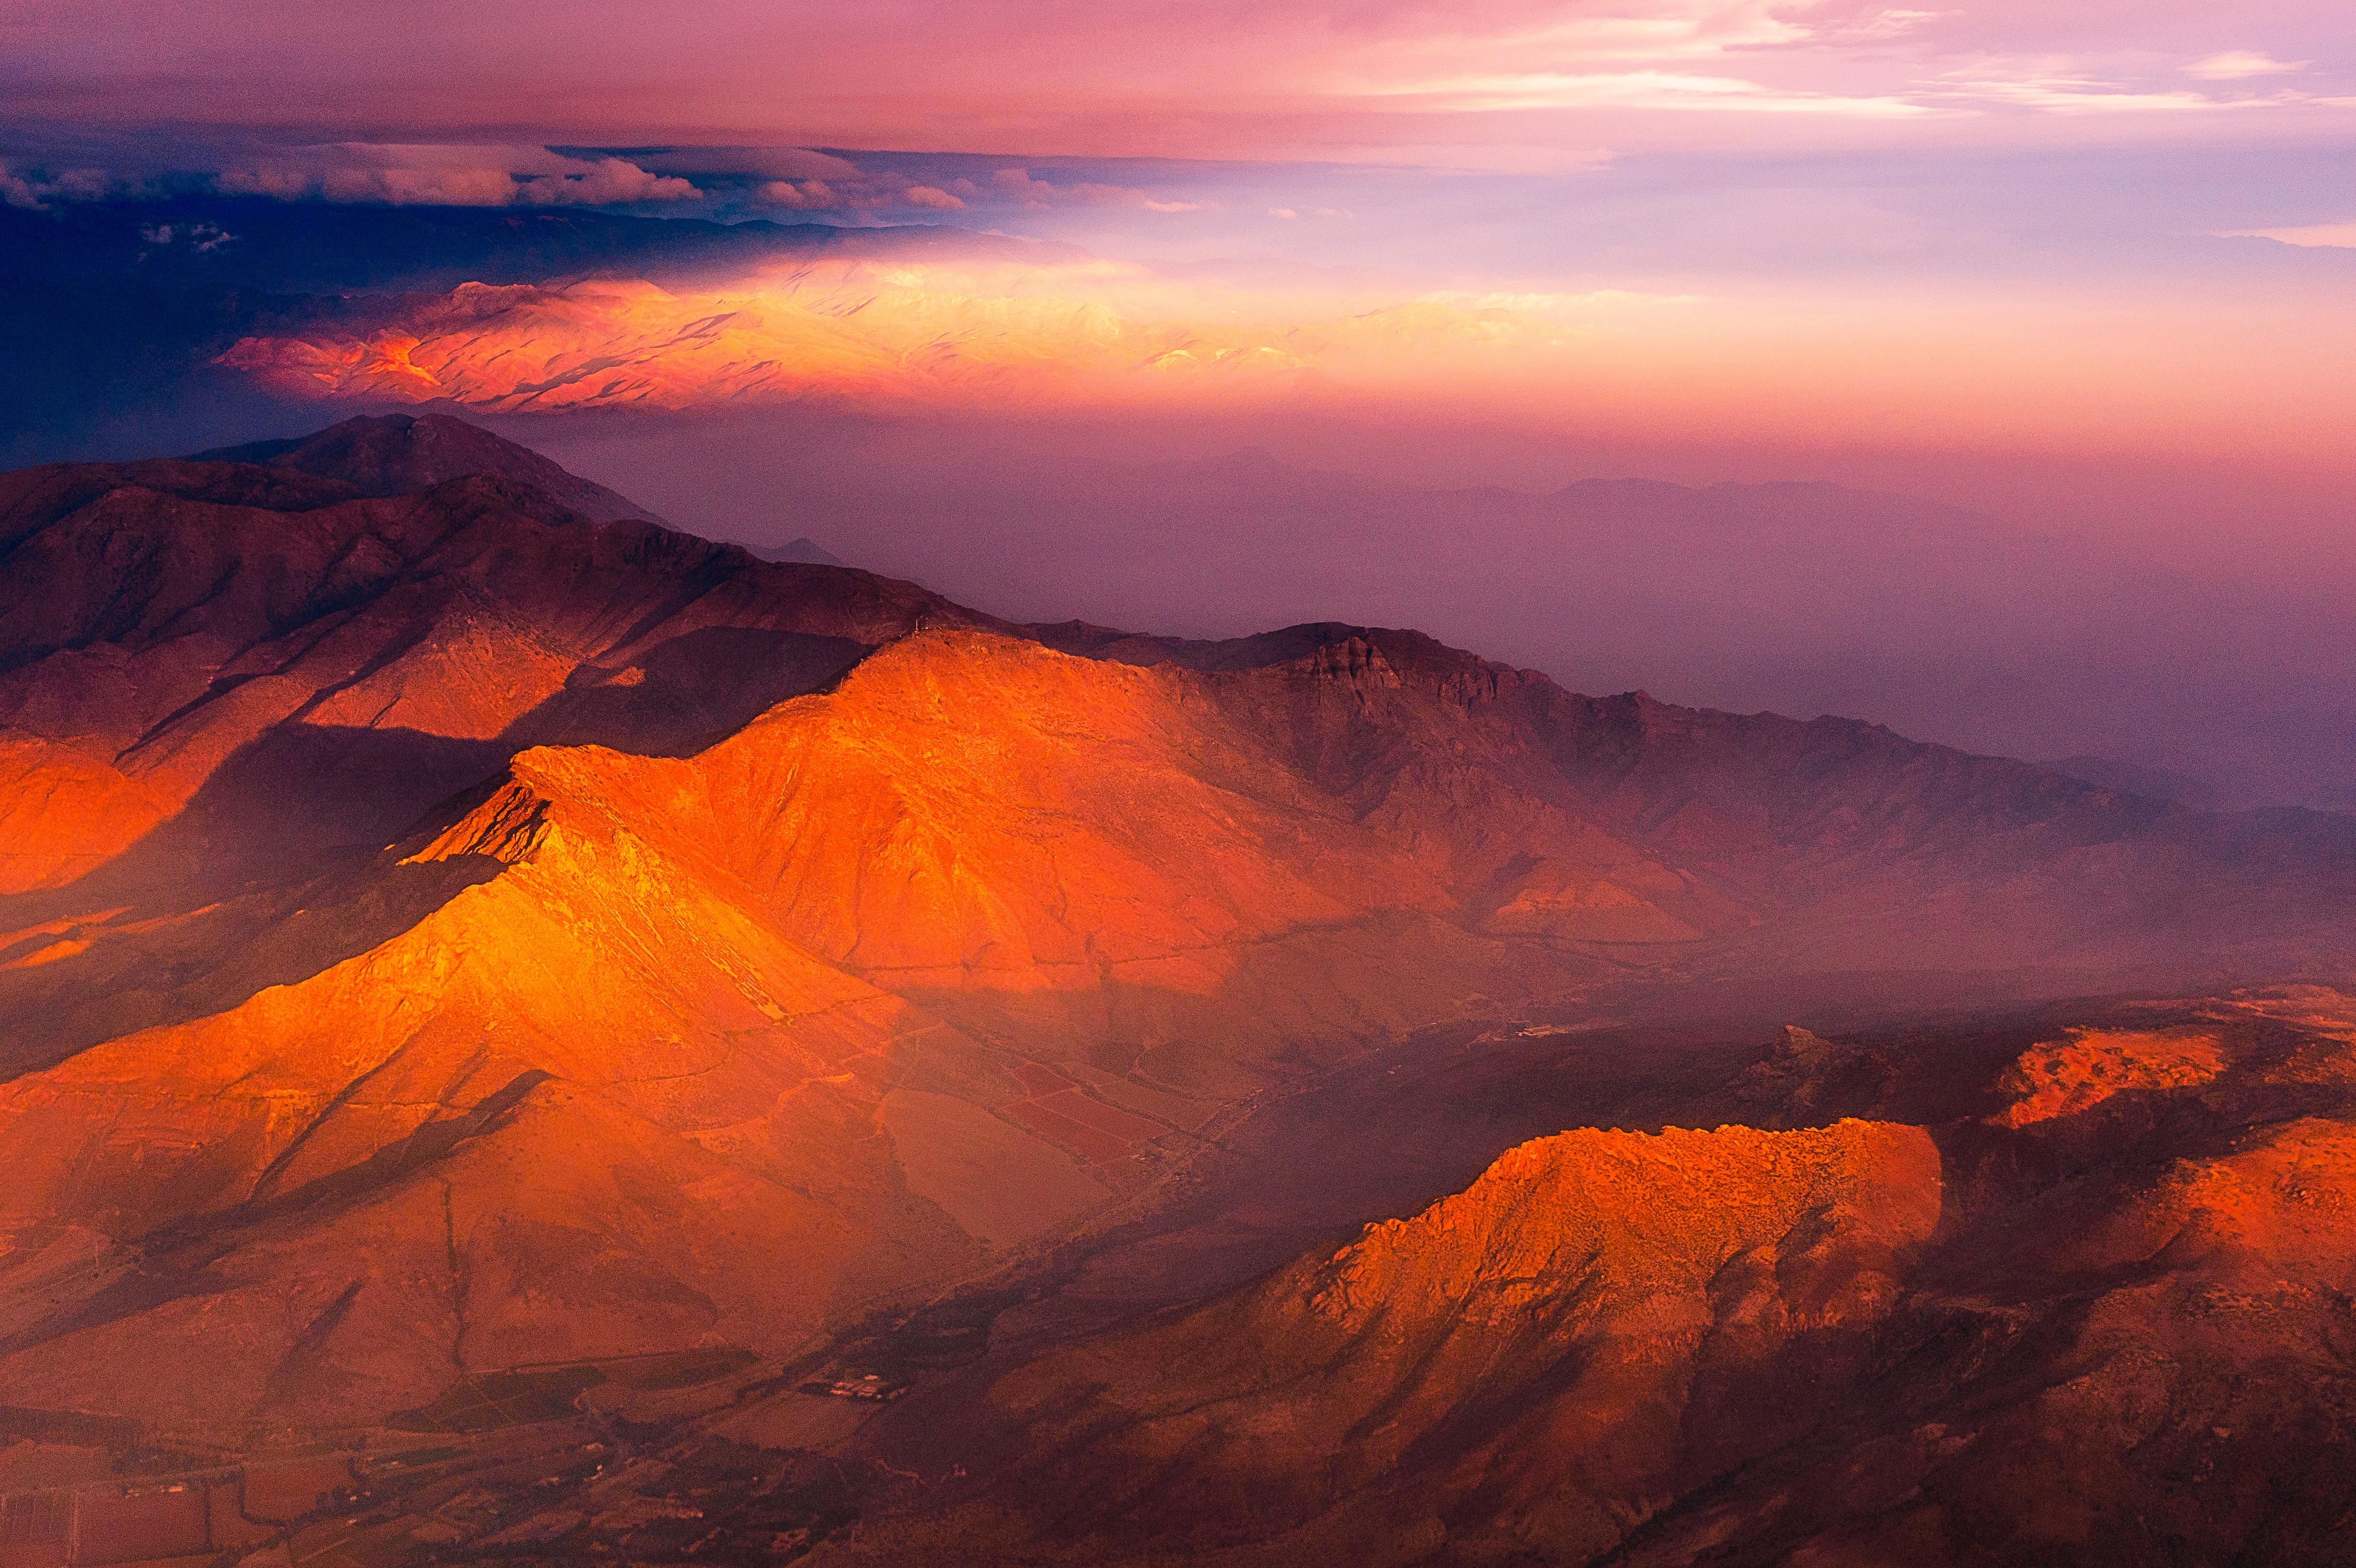 Images gratuites horizon montagne nuage lever du soleil le coucher du soleil matin aube - Photo coucher de soleil montagne ...